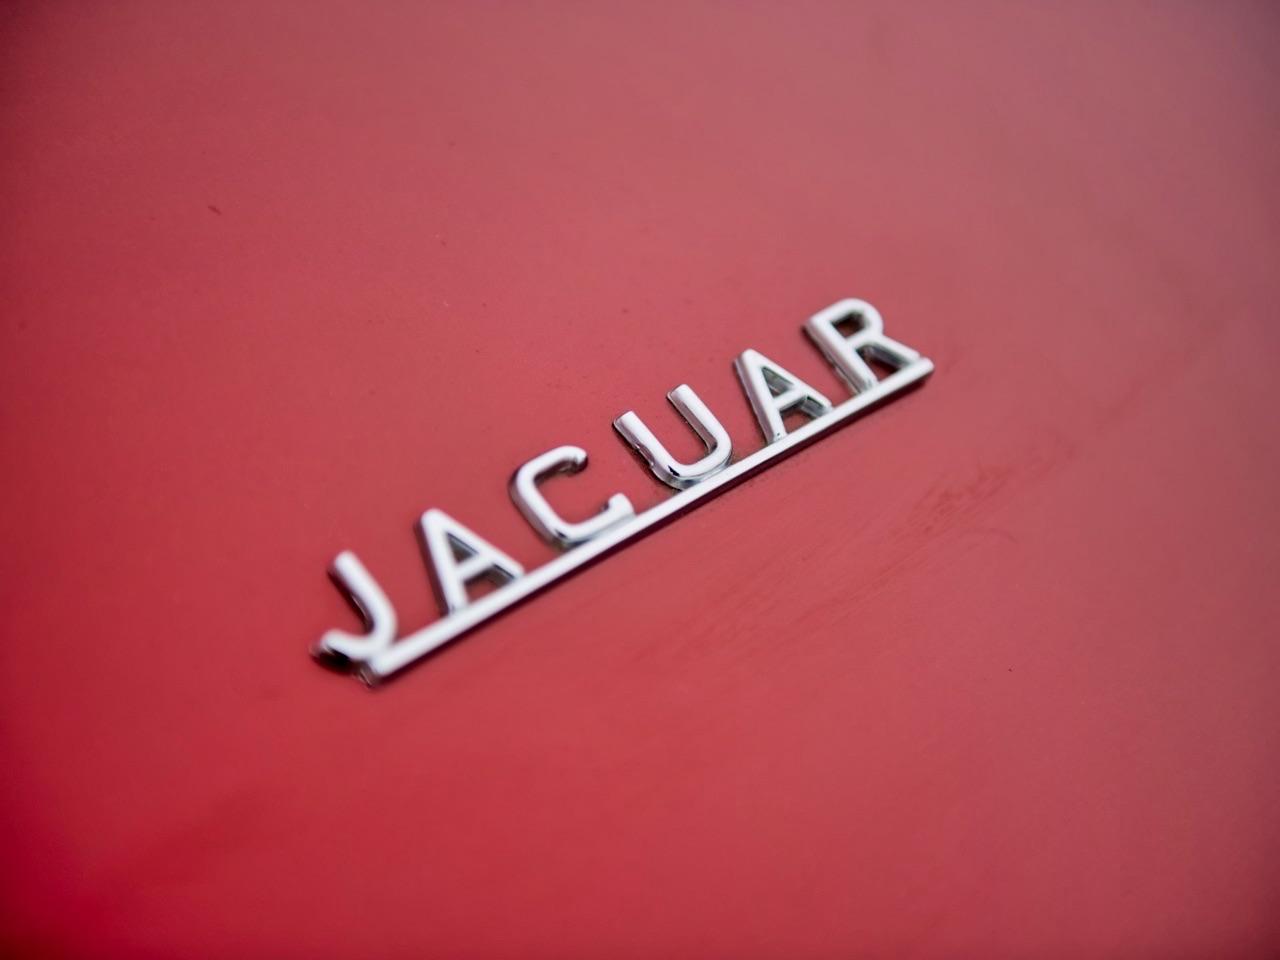 Restomod Jaguar MkII 3.8... enfin, plutôt Beacham V8 Supercharged ! 2